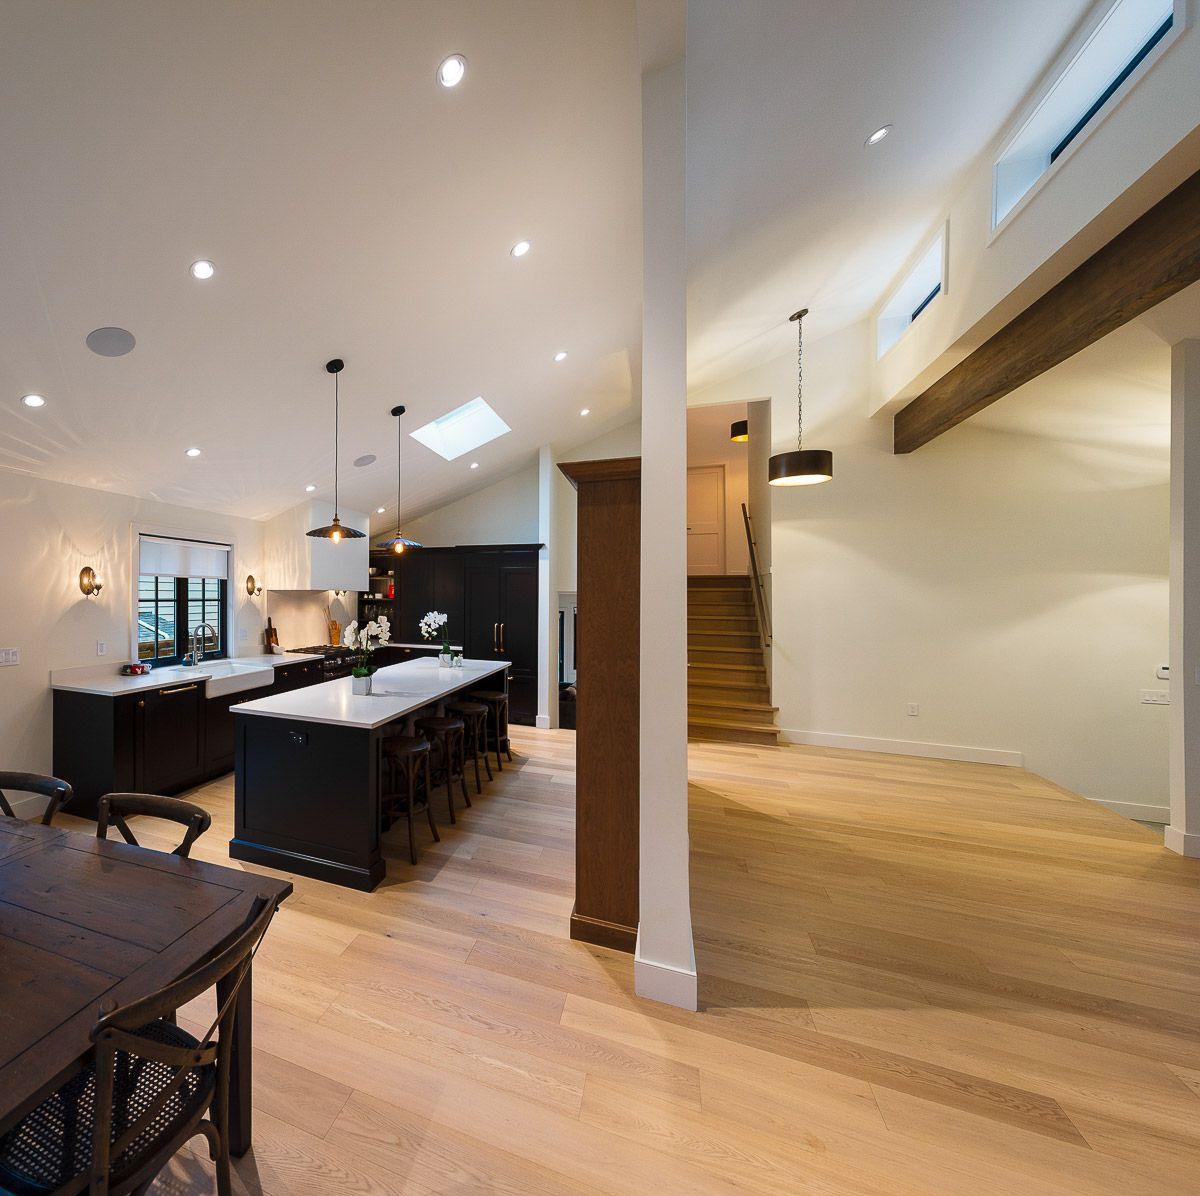 Home Renovation Design: Interior Design